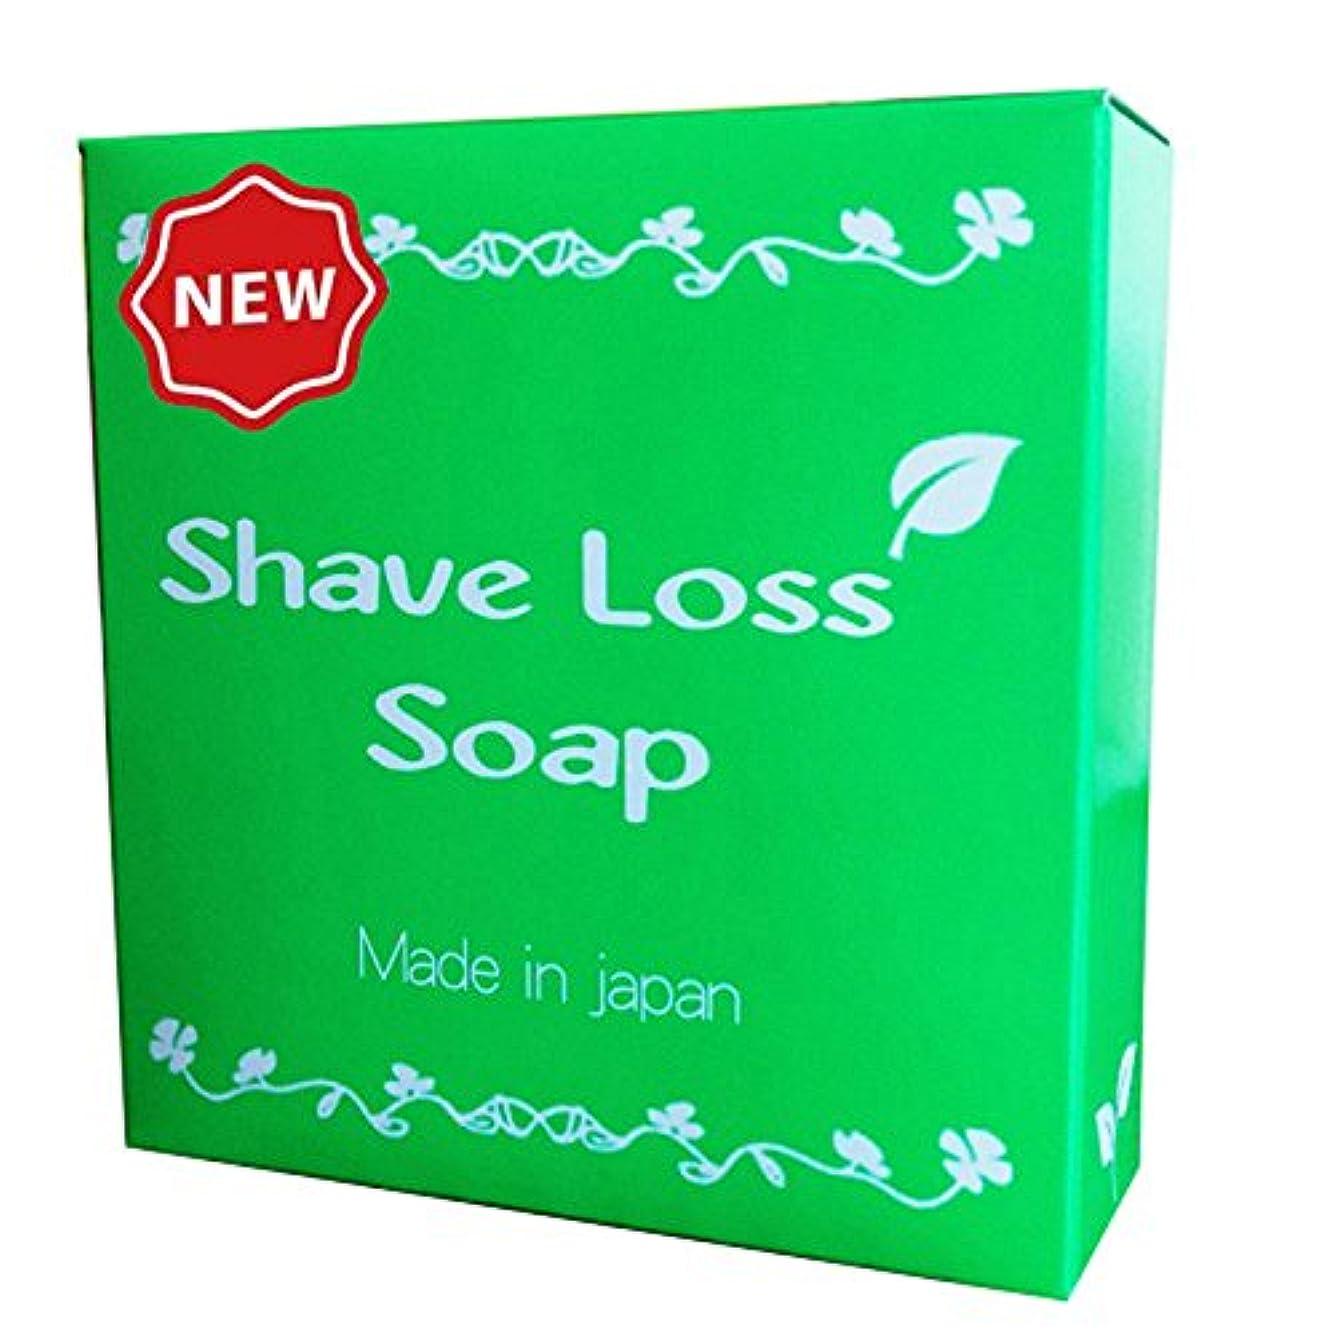 何もない電気的民主党【NEW】Shave Loss Soap 女性の願いを叶える 石鹸 80g 「ダイズ種子エキス」 「ラレアディバリカタエキス」大幅増量タイプ